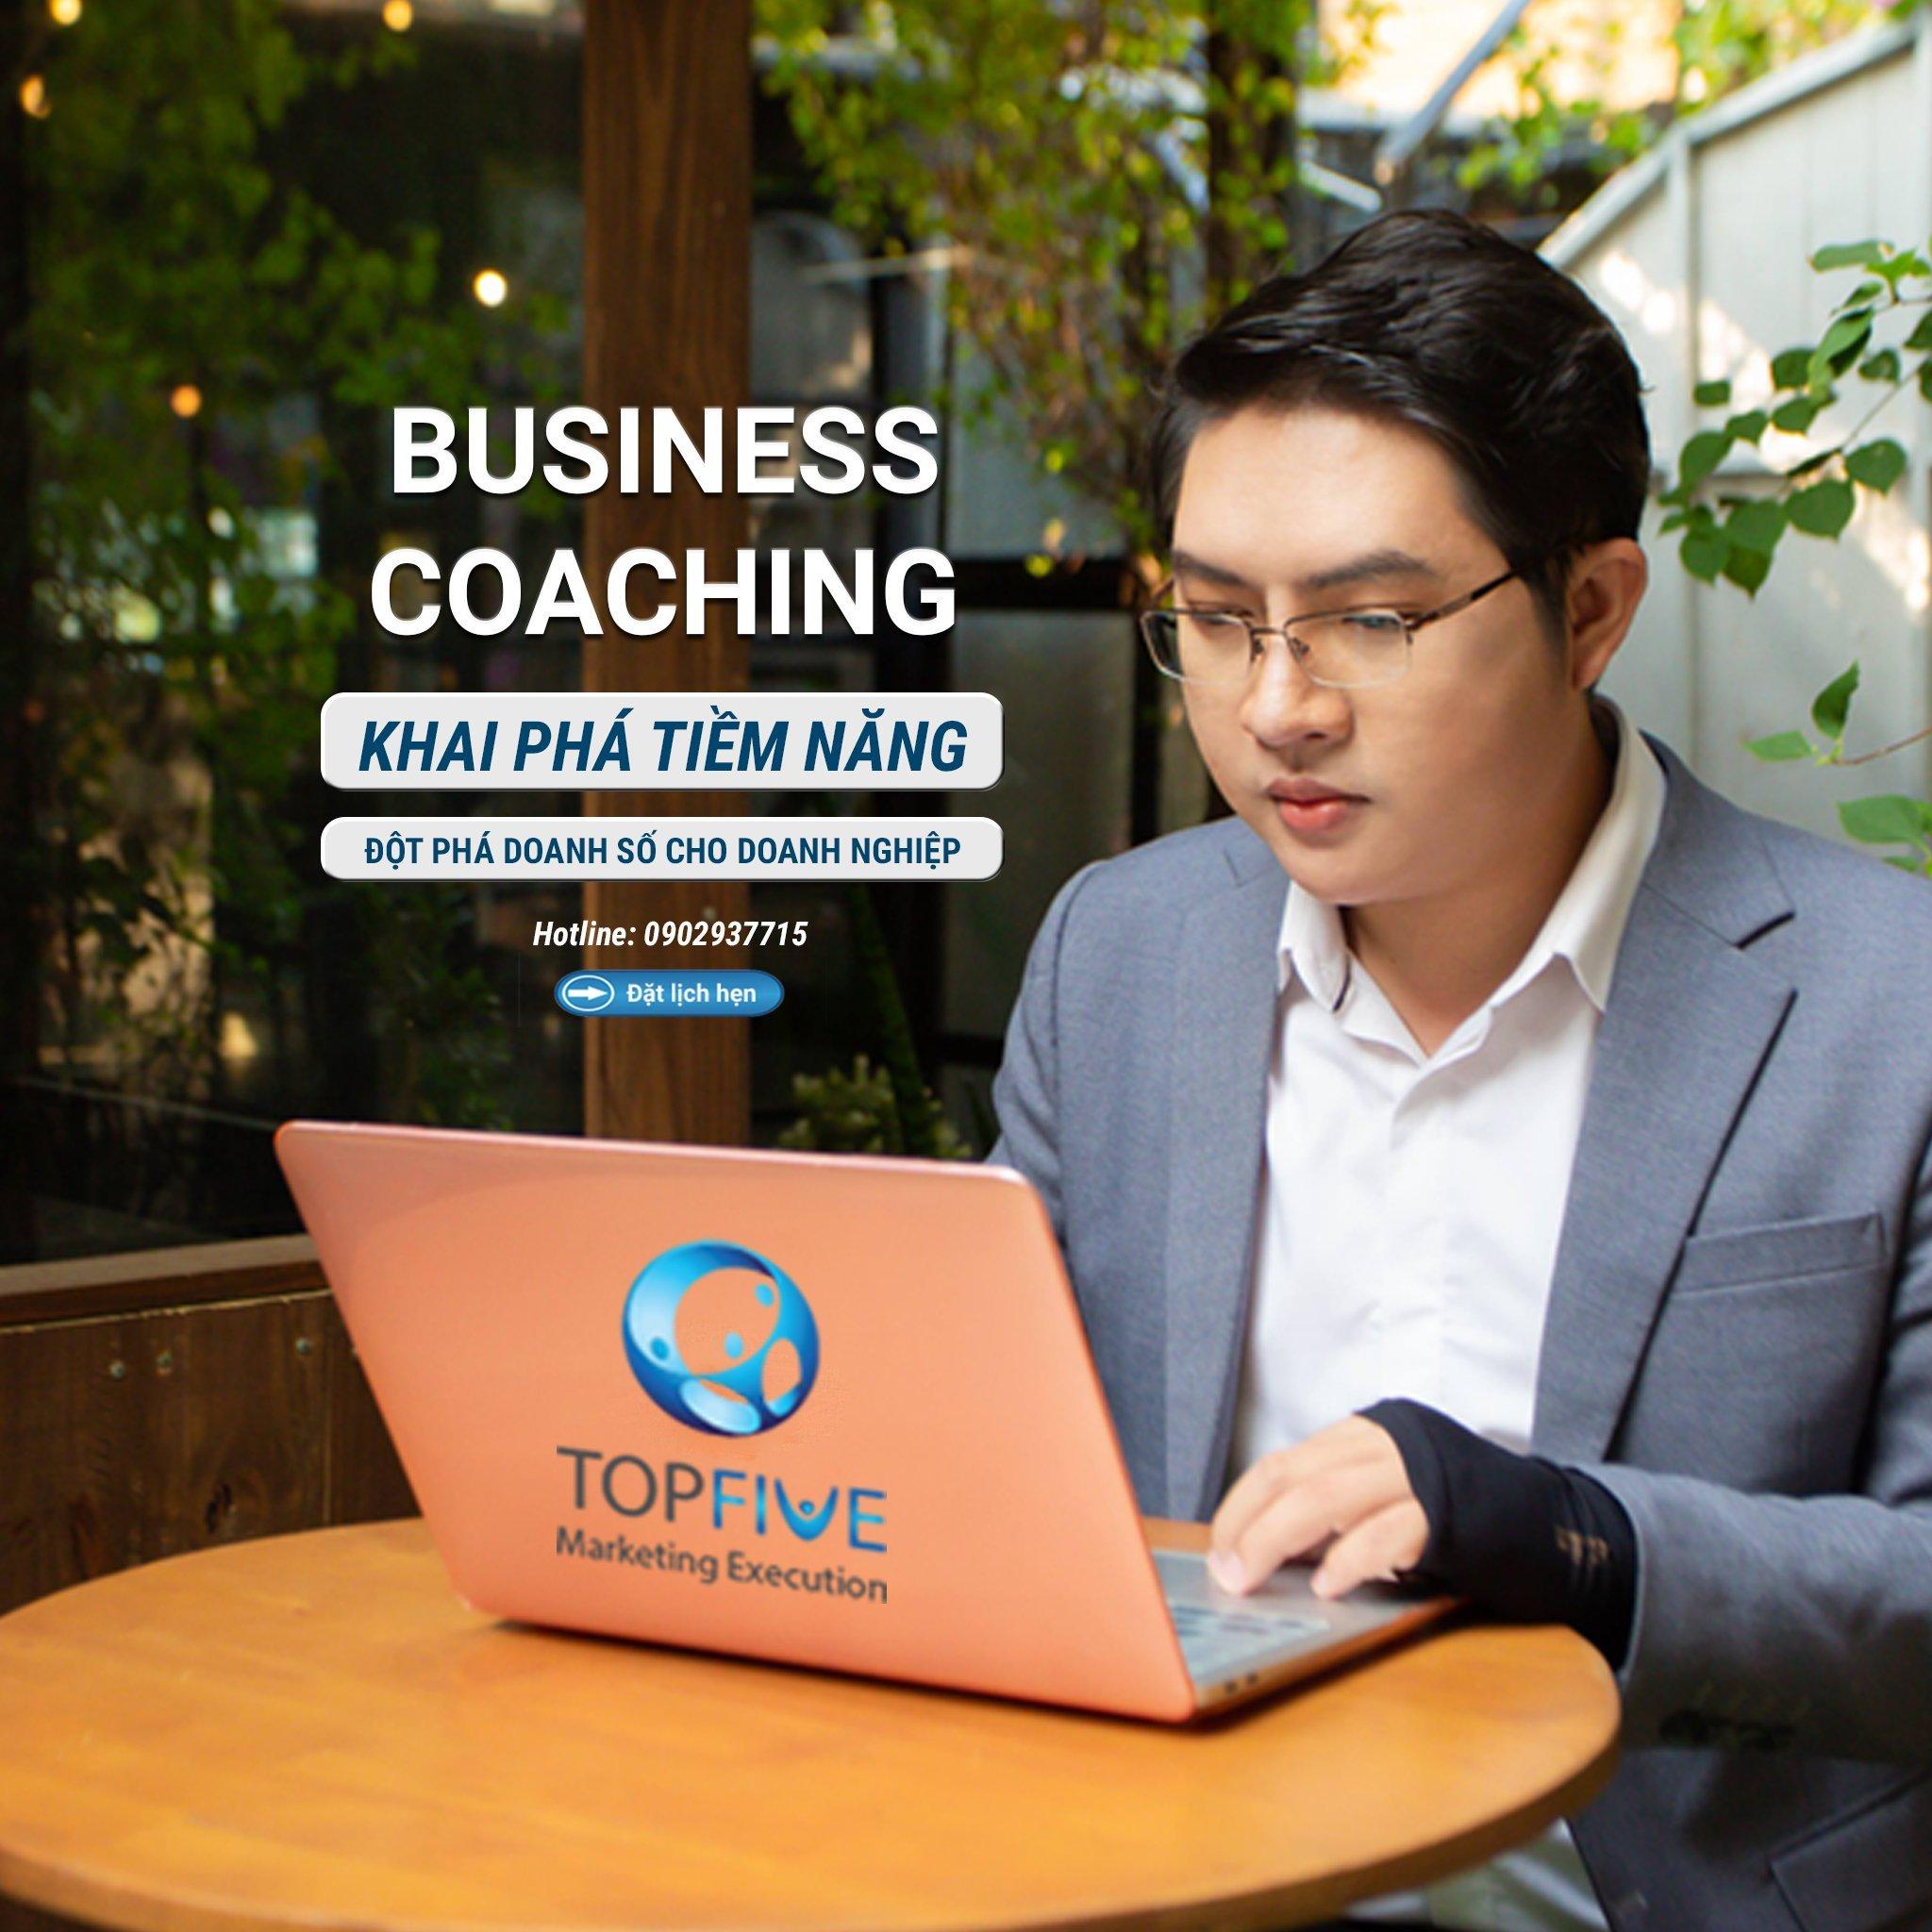 Coach Tân Vương